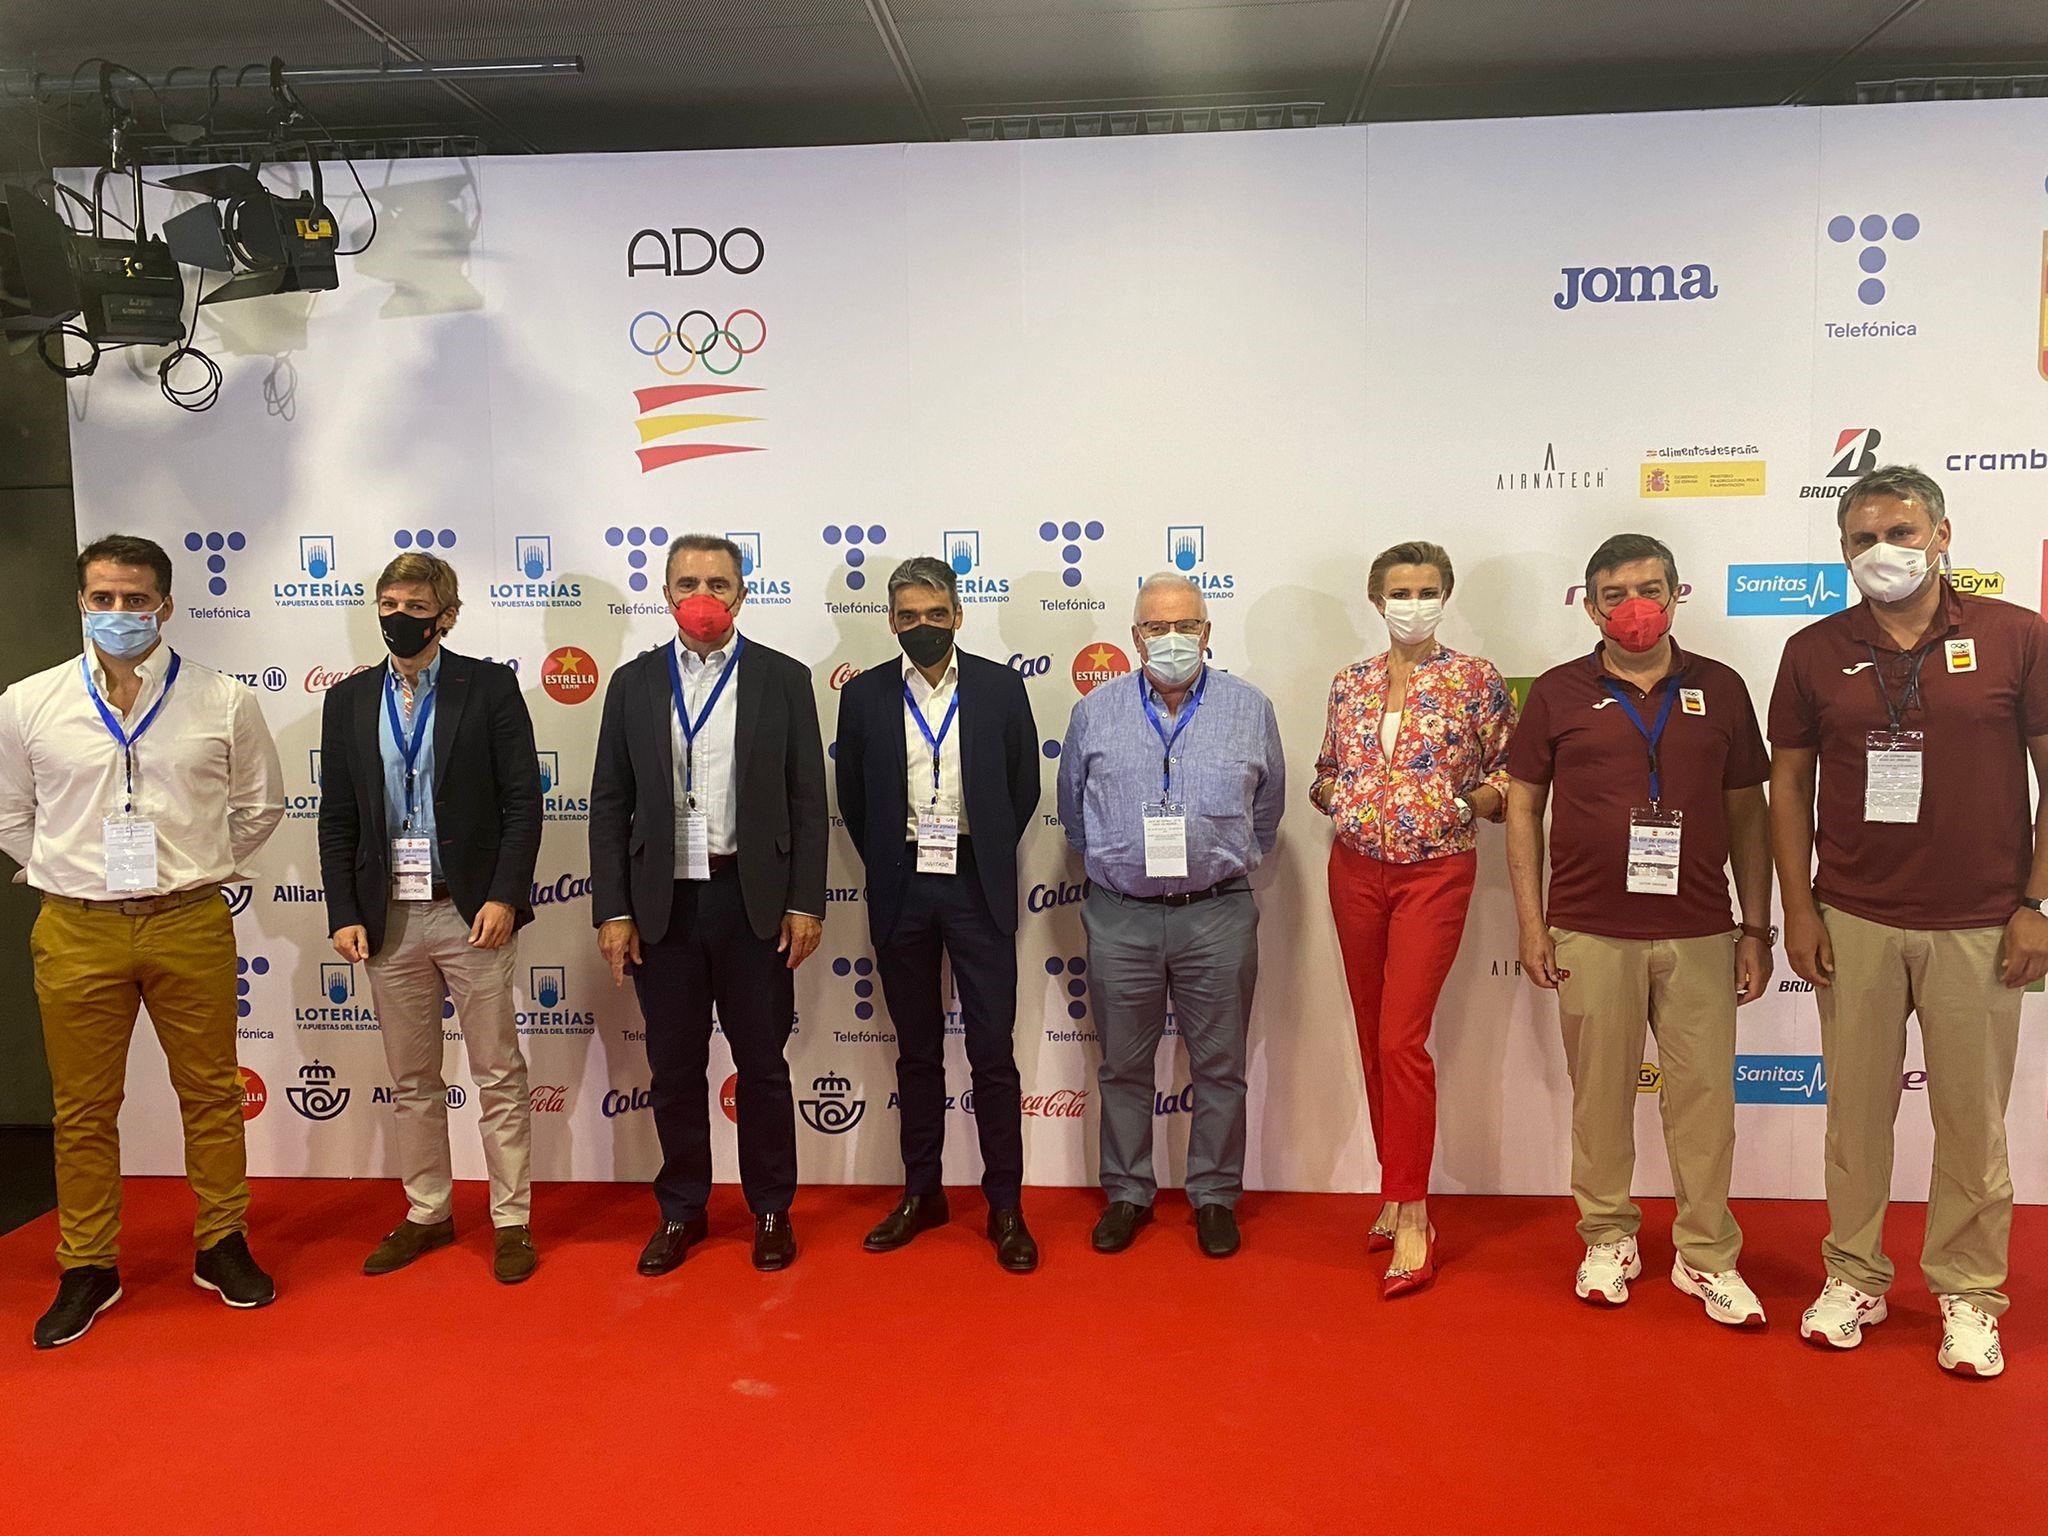 El Gobierno regional destaca los buenos resultados que están obteniendo en Tokio 2020 las y los deportistas vinculados a Castilla-La Mancha